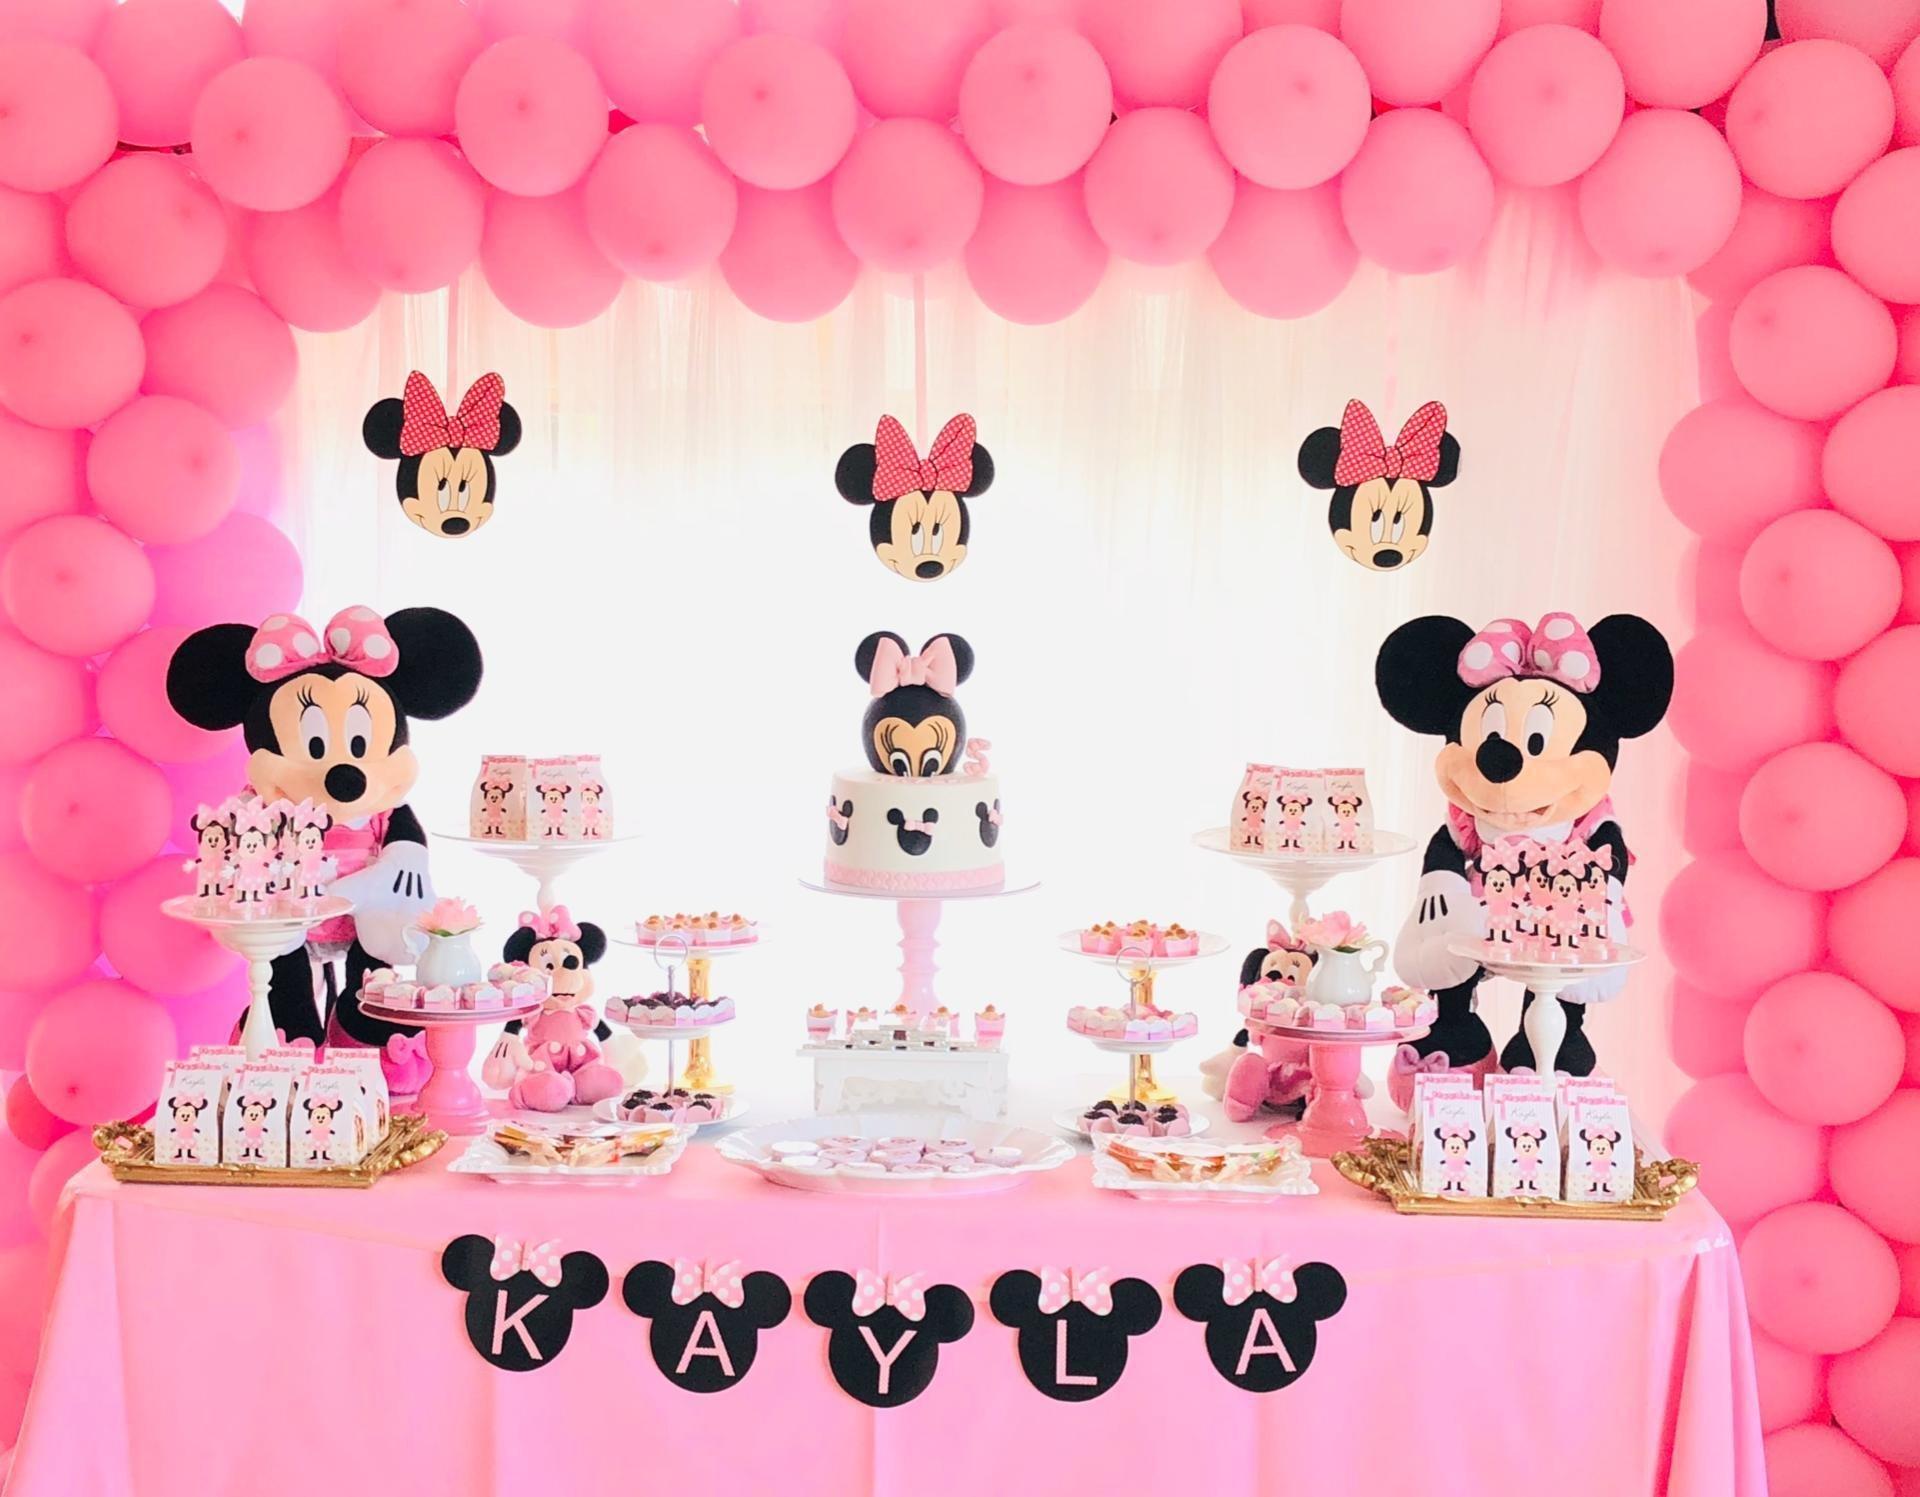 Decoração de festa infantil tema Minnie Mouse